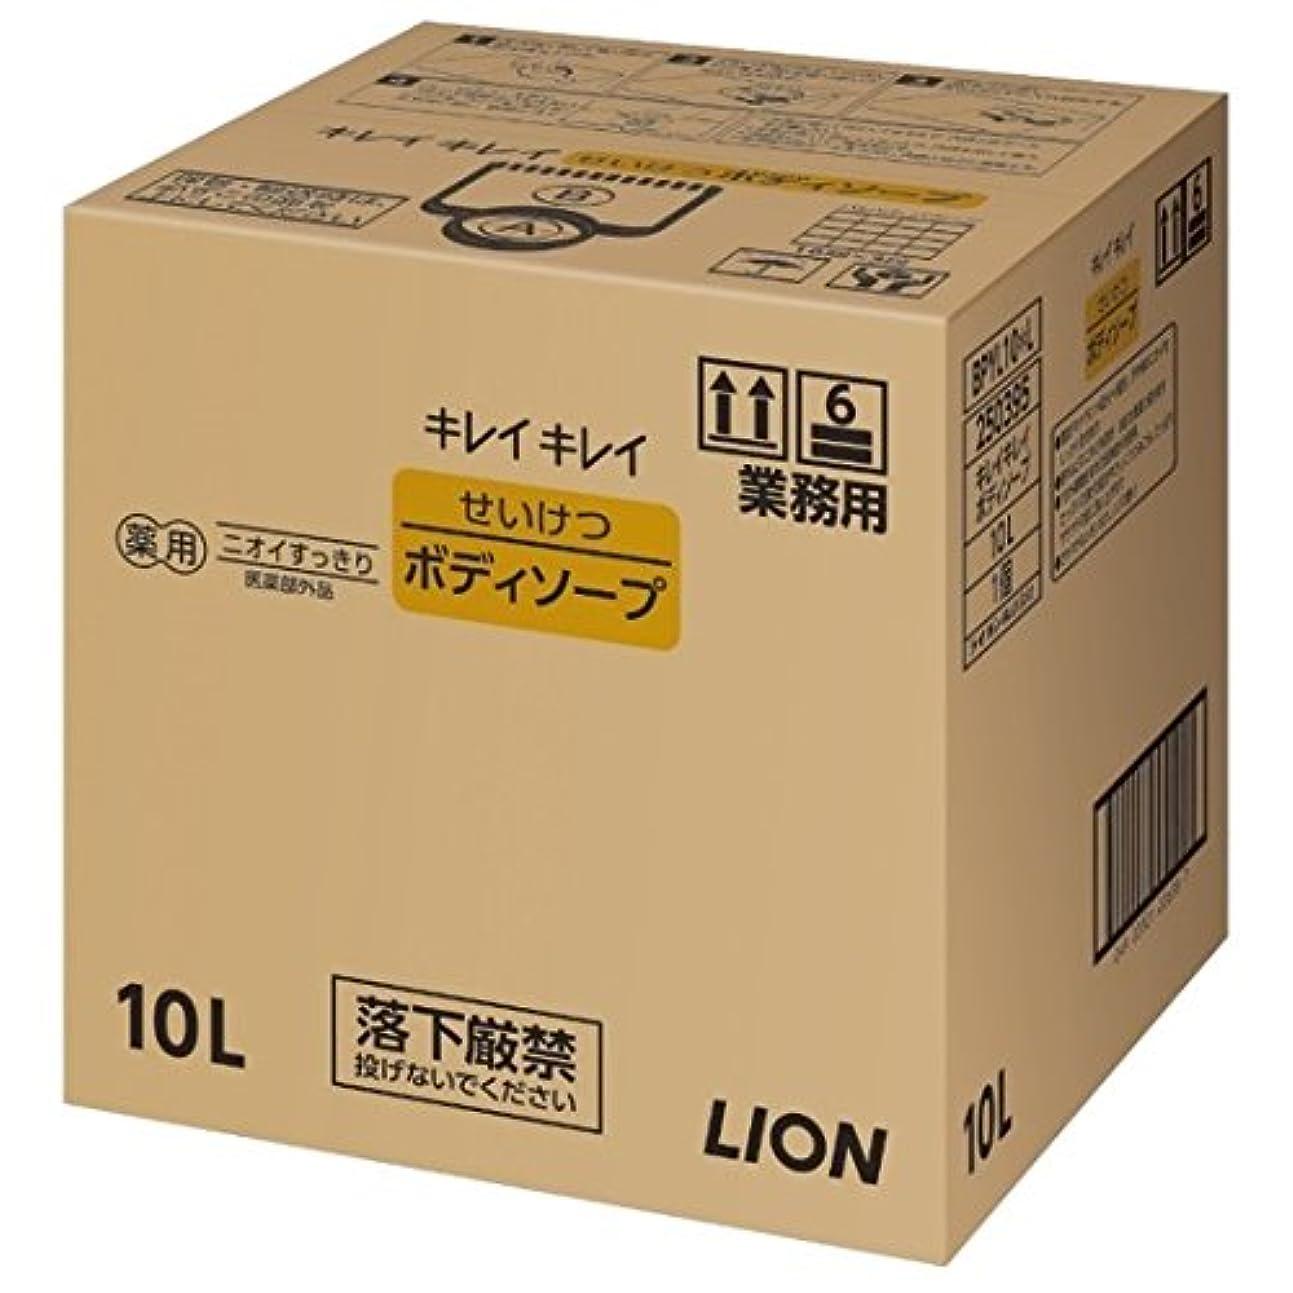 ロッジ脇に落ち着くライオン 業務用 キレイキレイ せいけつボディソープ 10L